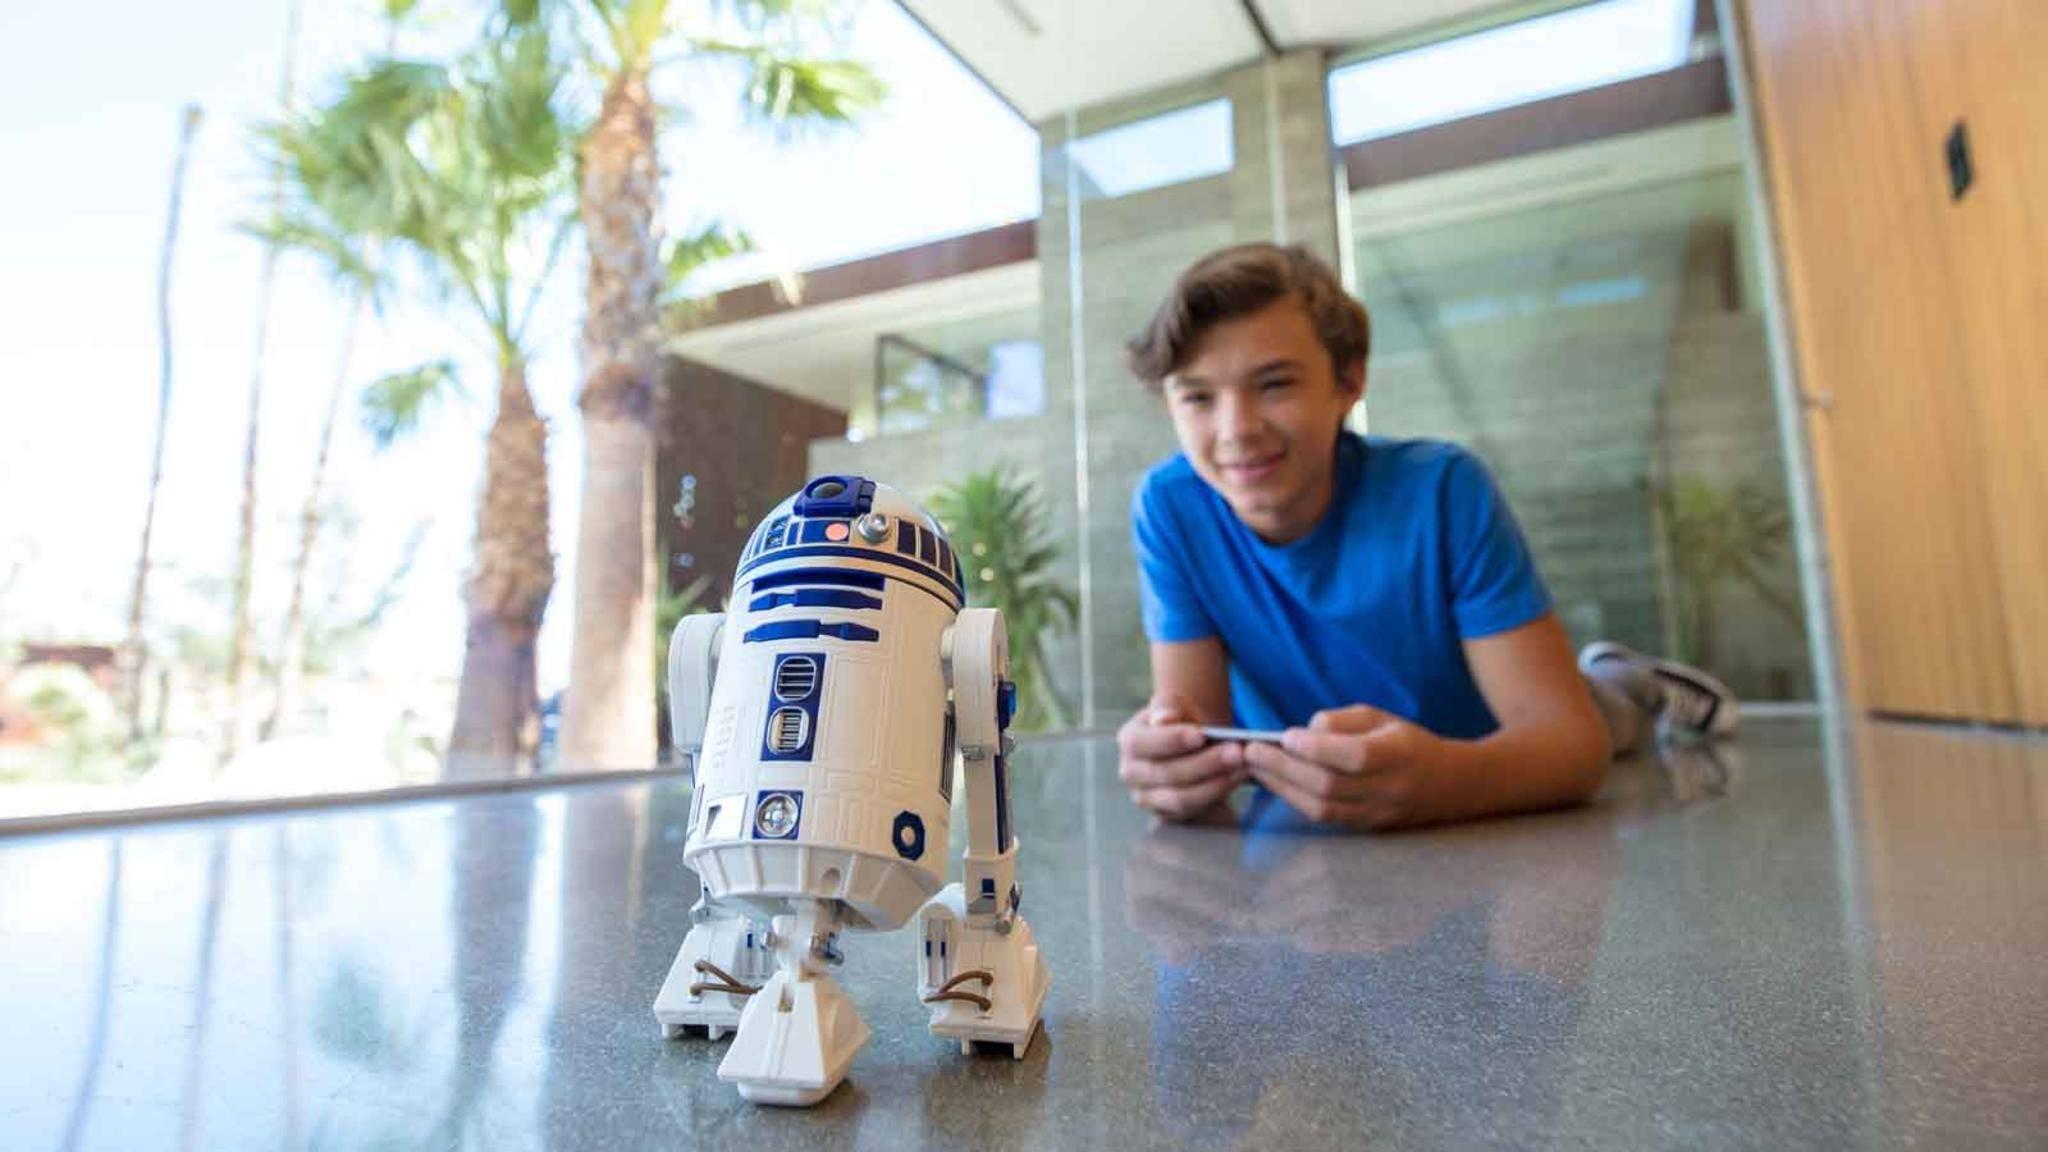 Auch R2-D2 gehört zu den Smart-Toys, die wir sehr gerne selber hätten ...